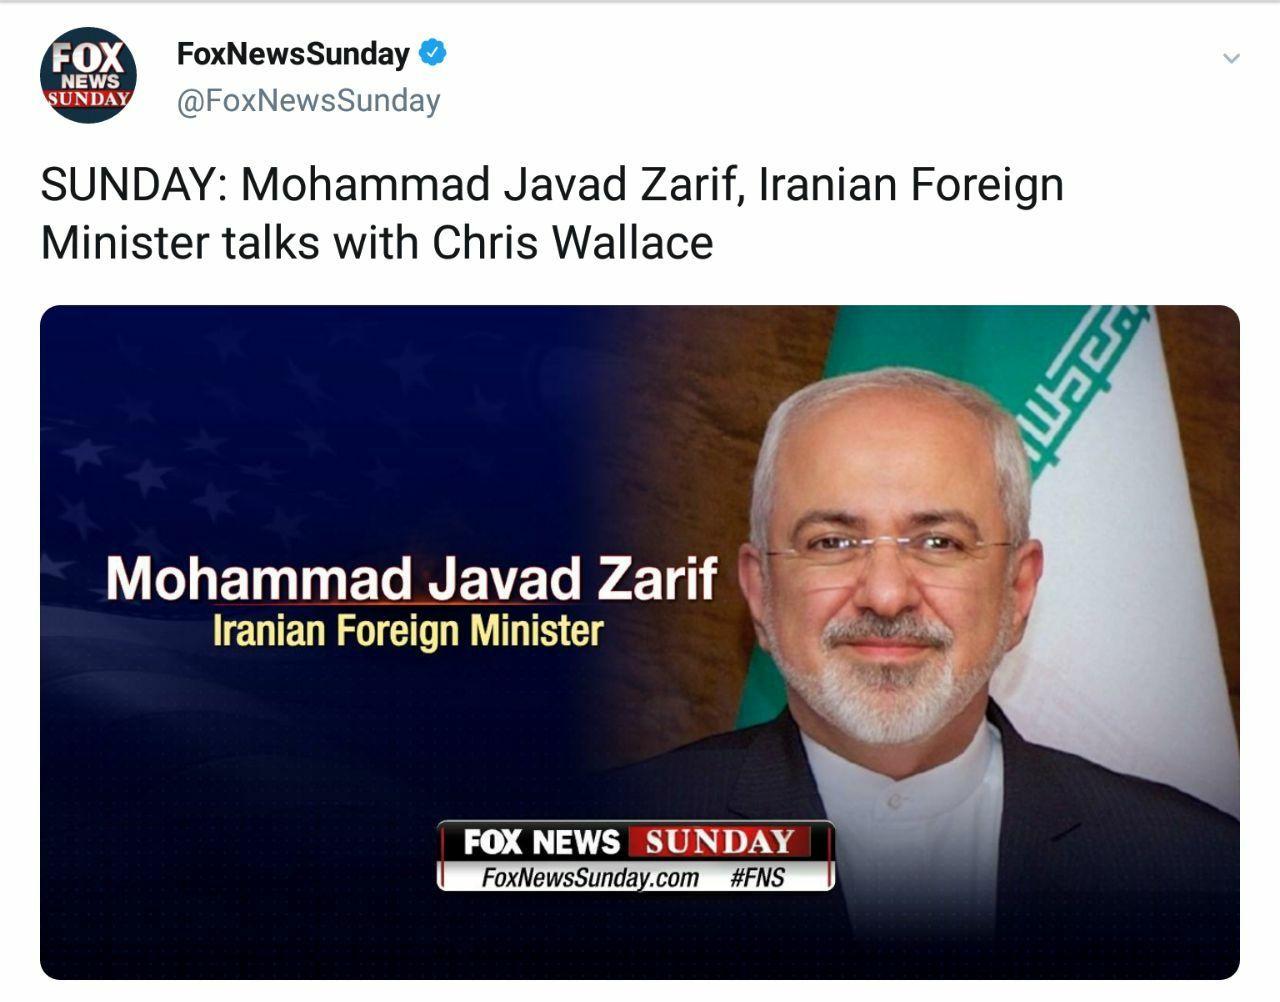 ظریف در اقدامی بی سابقه با فاکس نیوز مصاحبه کرده است